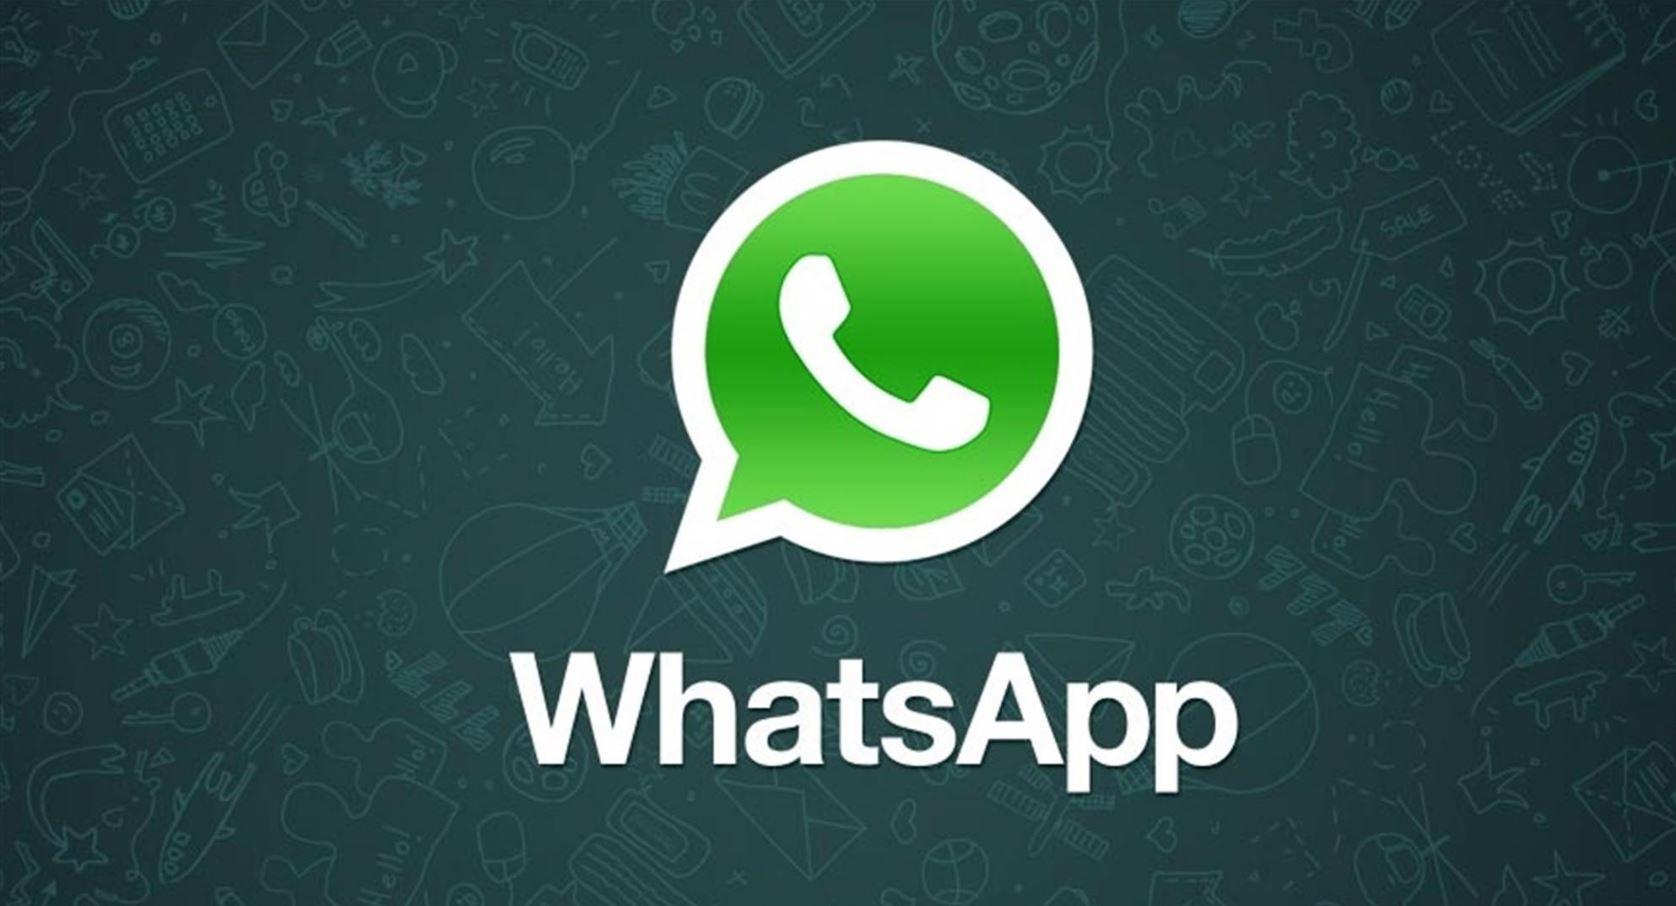 WhatsApp прекратит поддержку некоторых телефонов